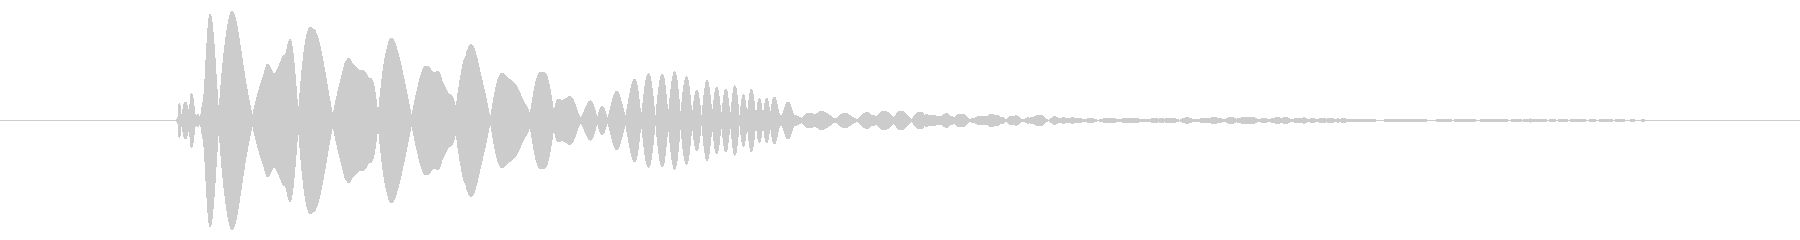 【モンスター】大きいスライムの未再生の波形